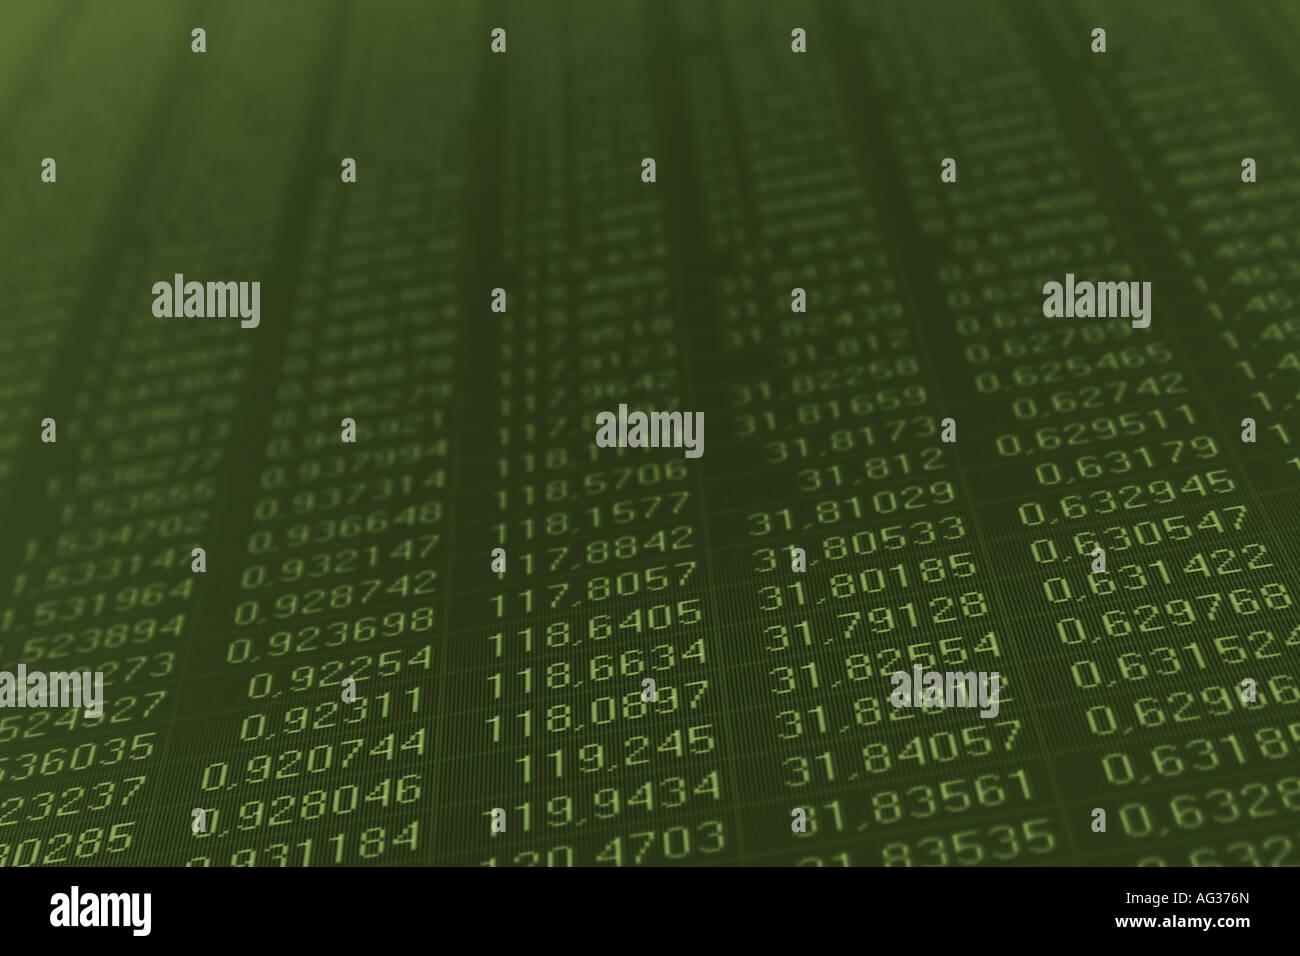 En el monitor de un ordenador números pintados en color verde oscuro Imagen De Stock